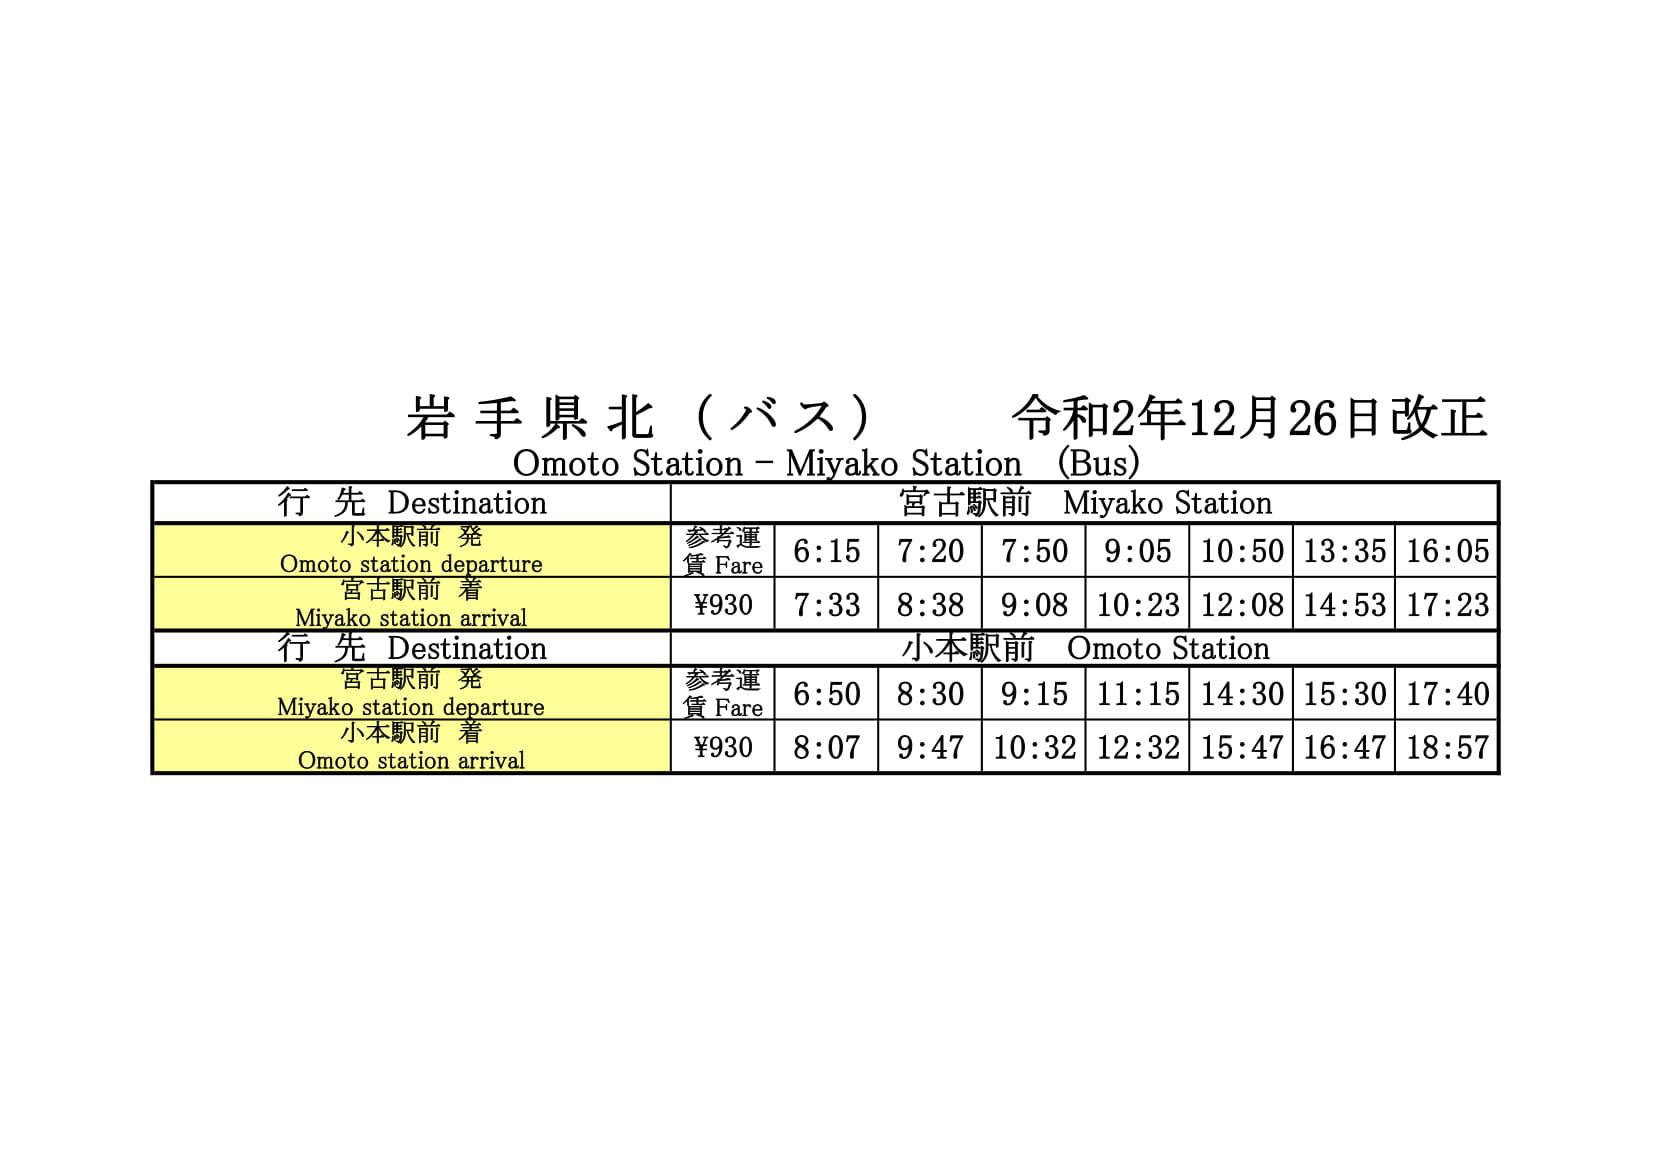 時刻表-令和2年12月26日改正版